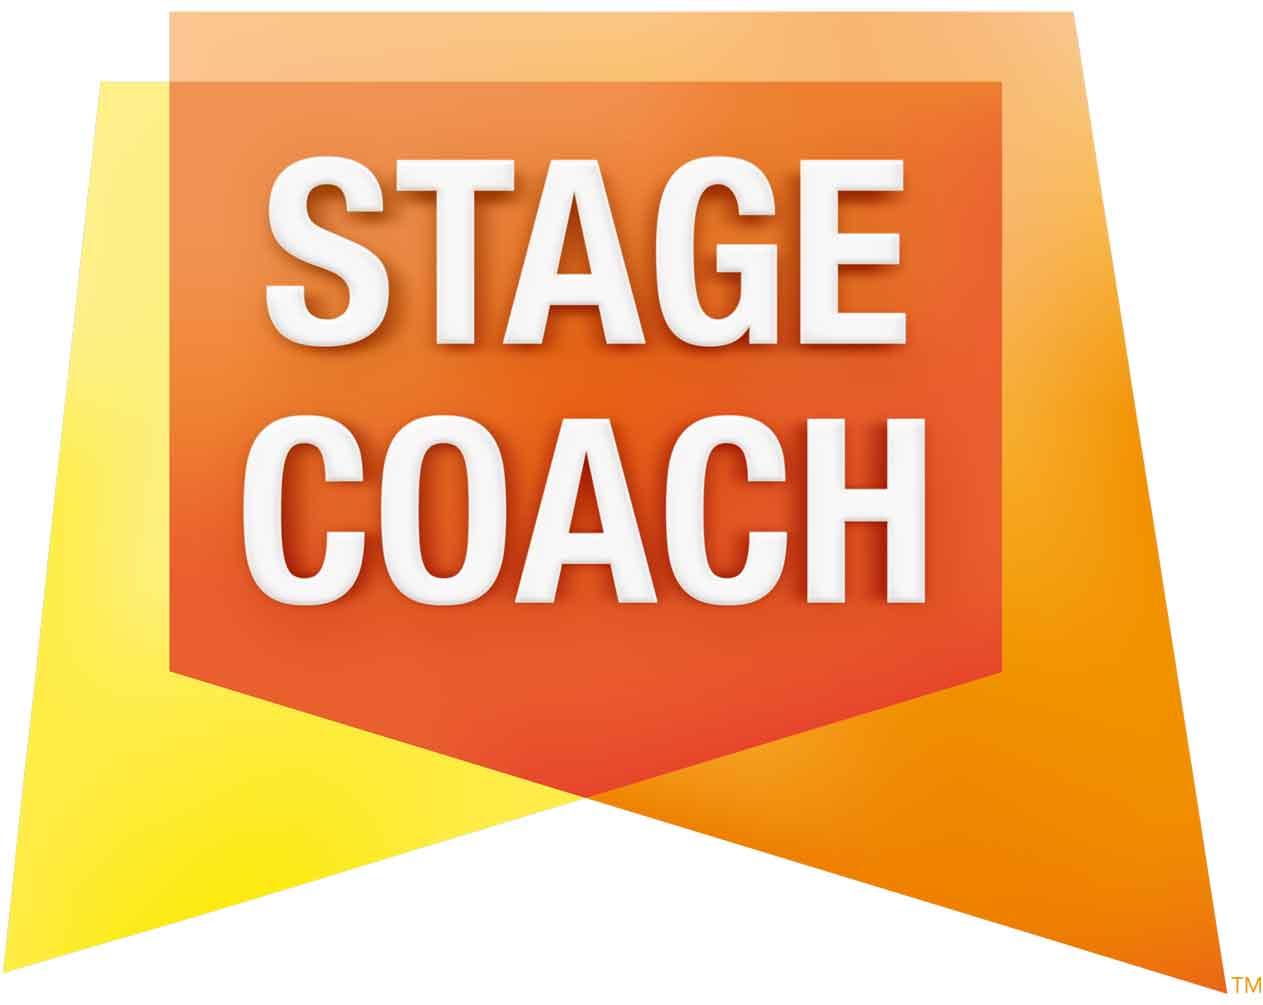 Stagecoach Sudbury 's logo